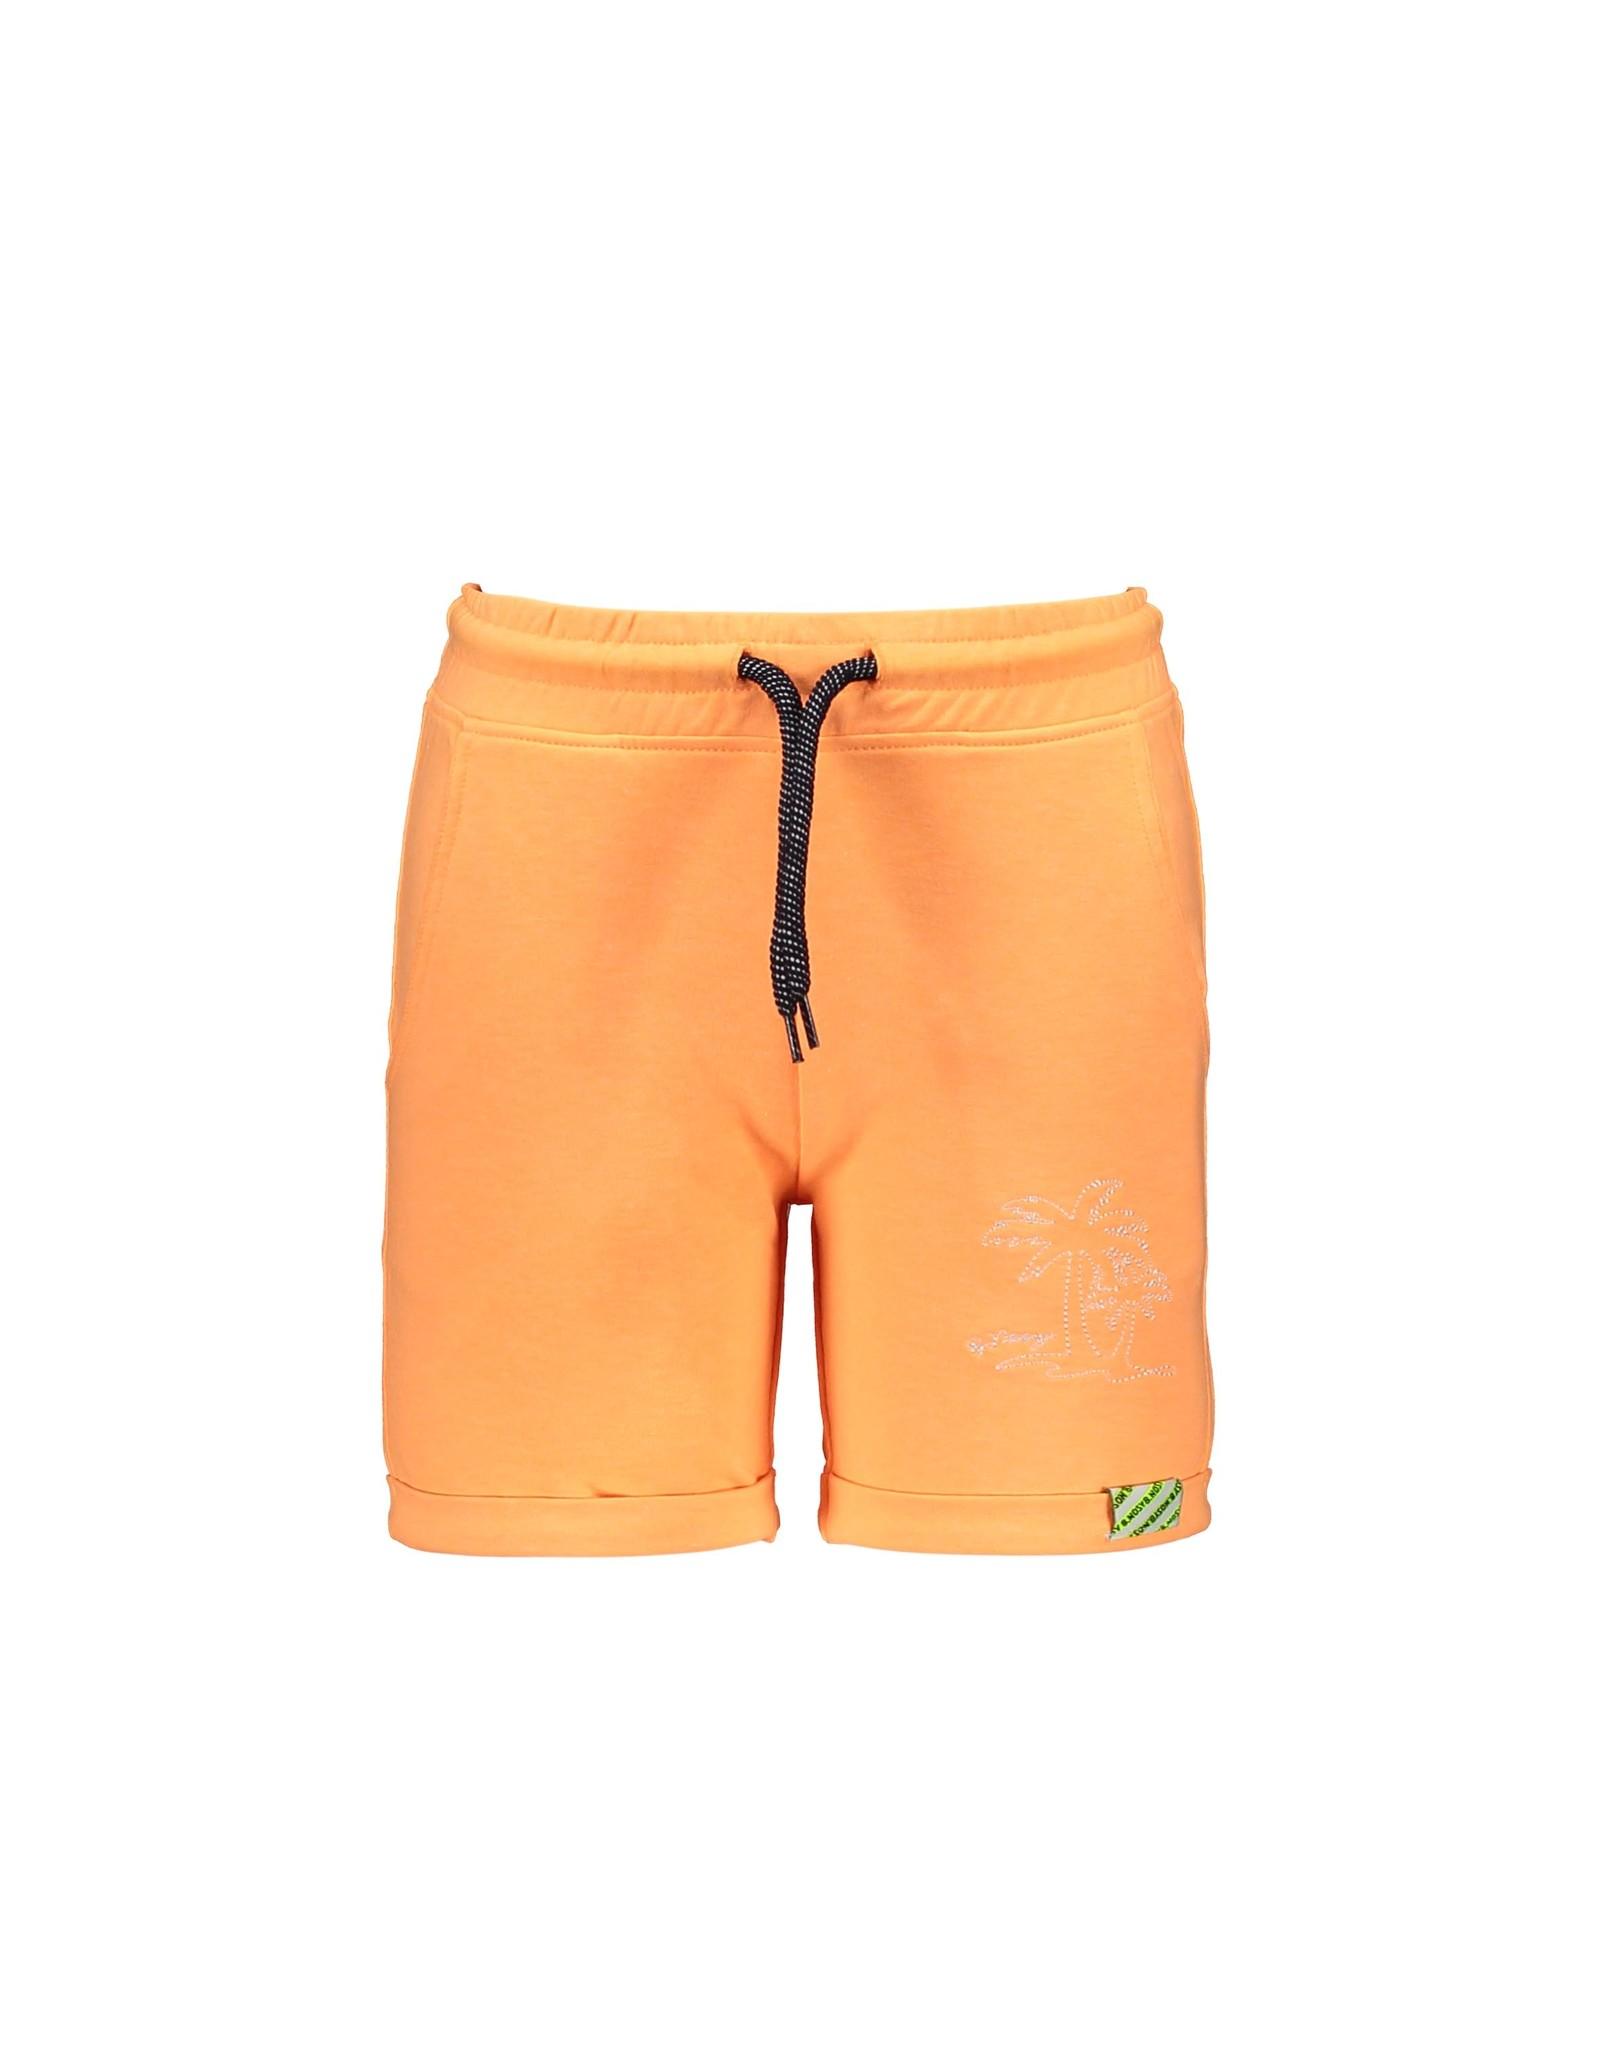 B.Nosy B.Nosy Baby Boys Uni Short With Folded Hem Neon Orange